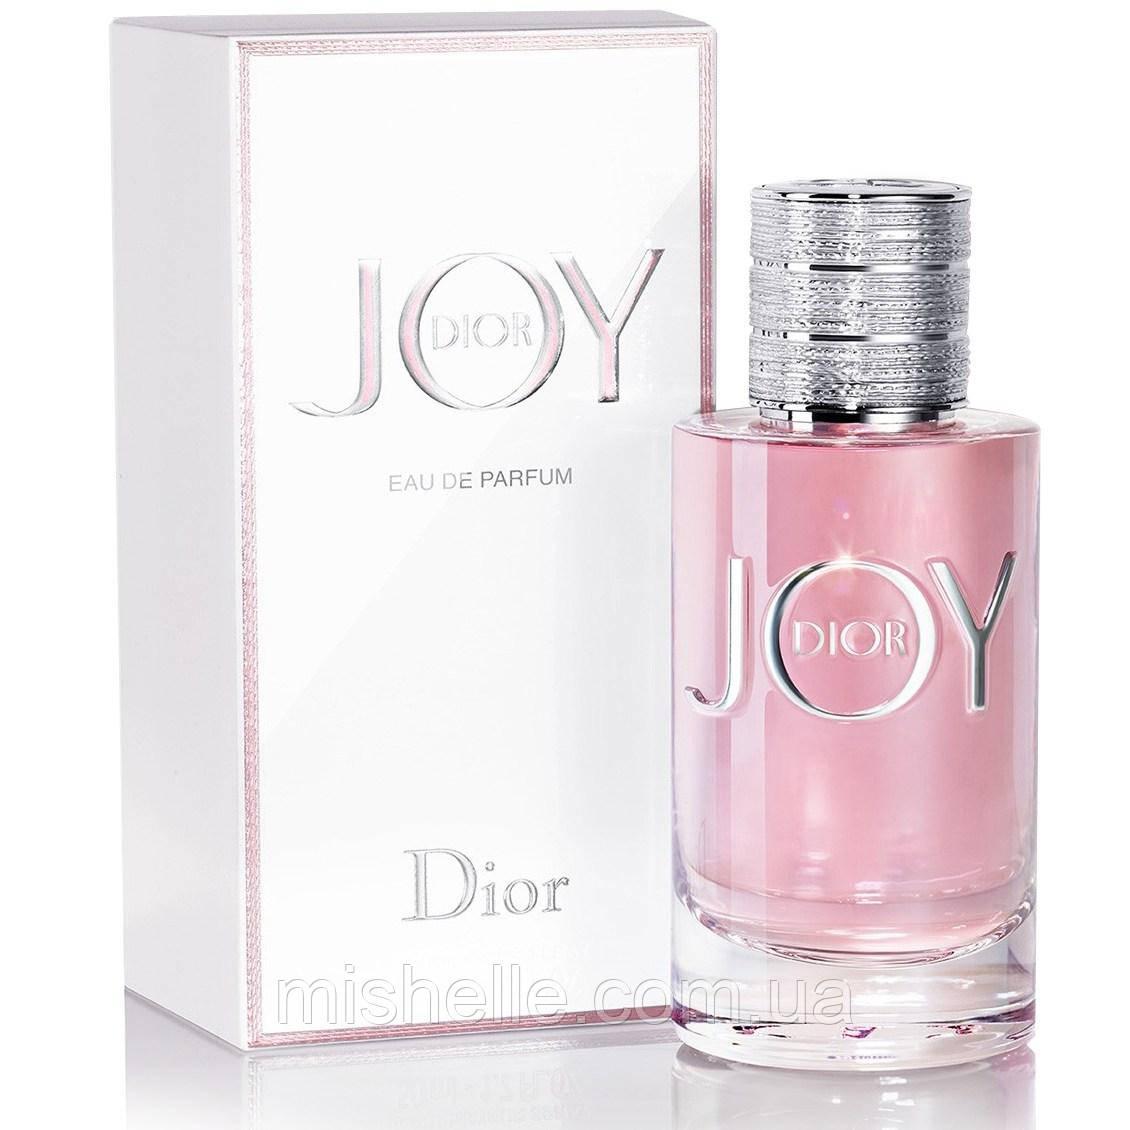 Парфюм для женщин Christian Dior Joy By Dior ( Диор Джой) реплика ... 5dc91f91c0e